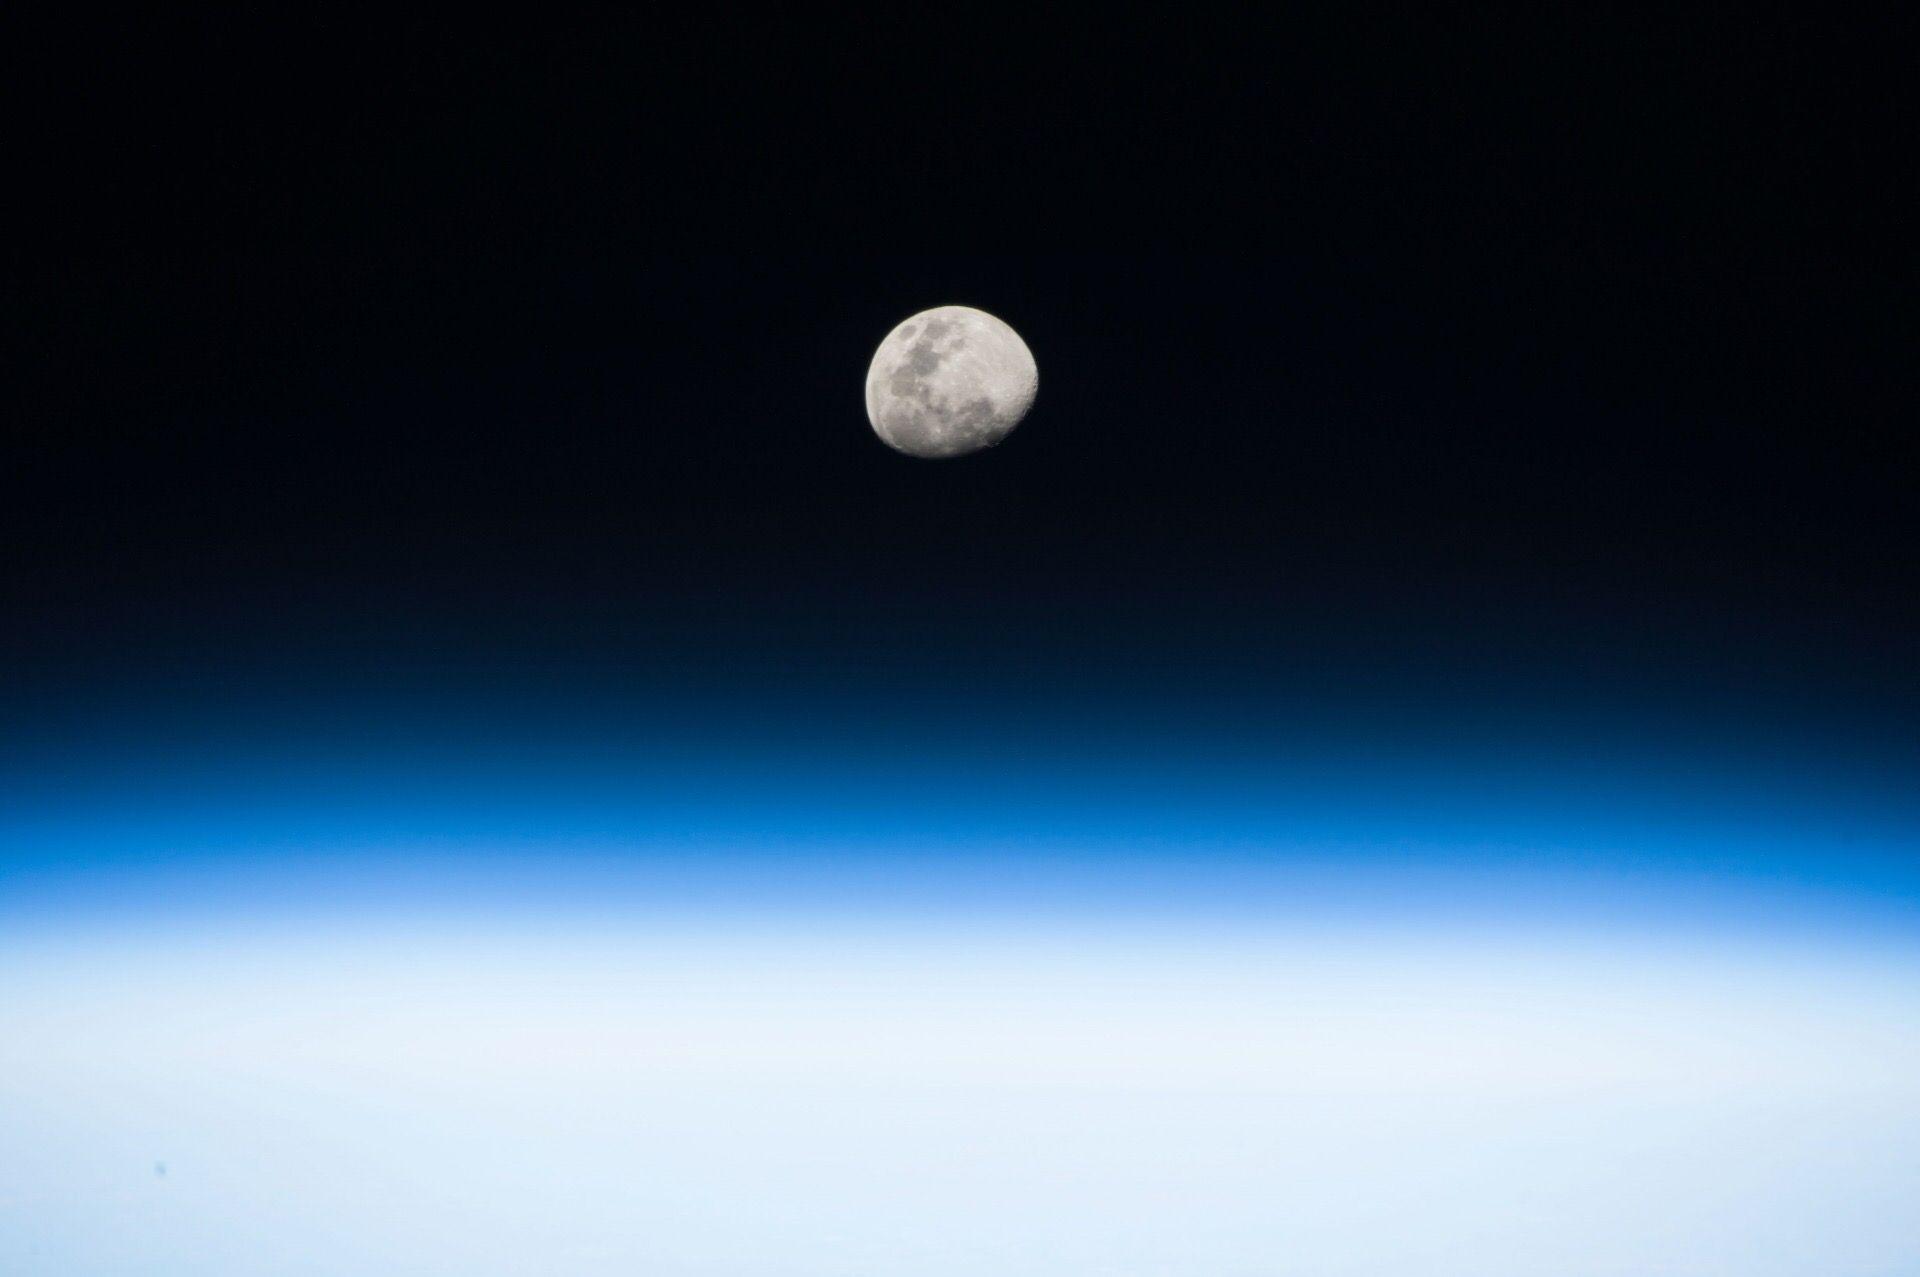 القمر من المحطة الدولية